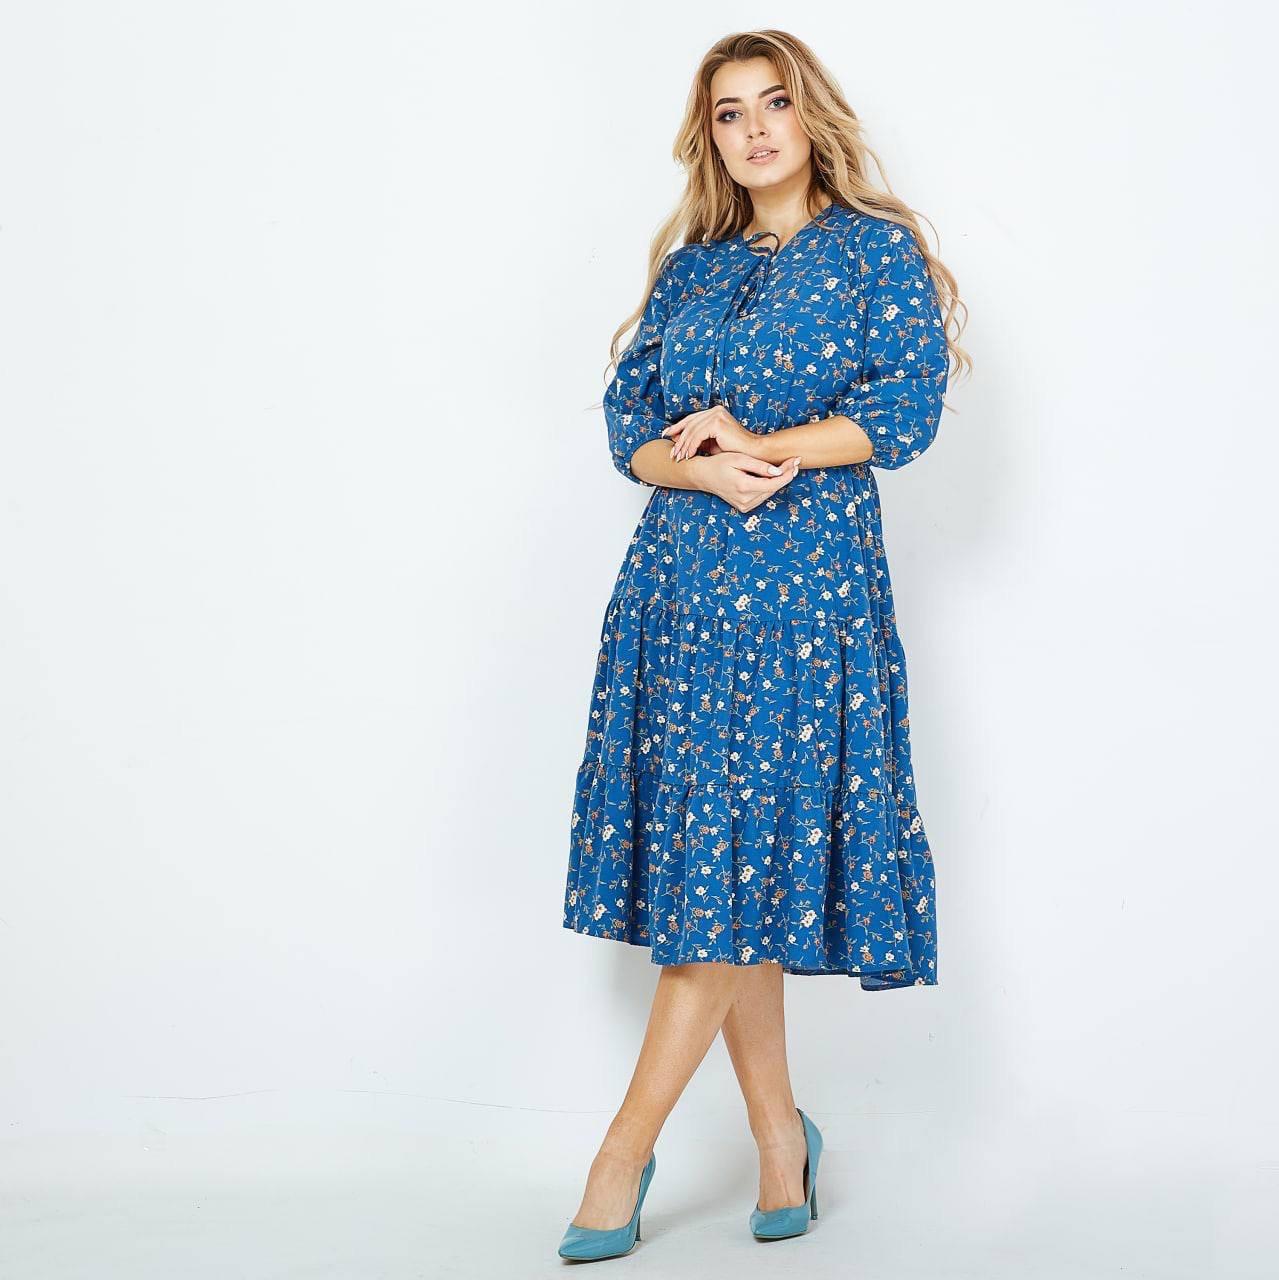 Платье женское цветочный принт батал голубое размеры 48-50 52-54 56-58 60-62  Новинка 2021 есть много цветов